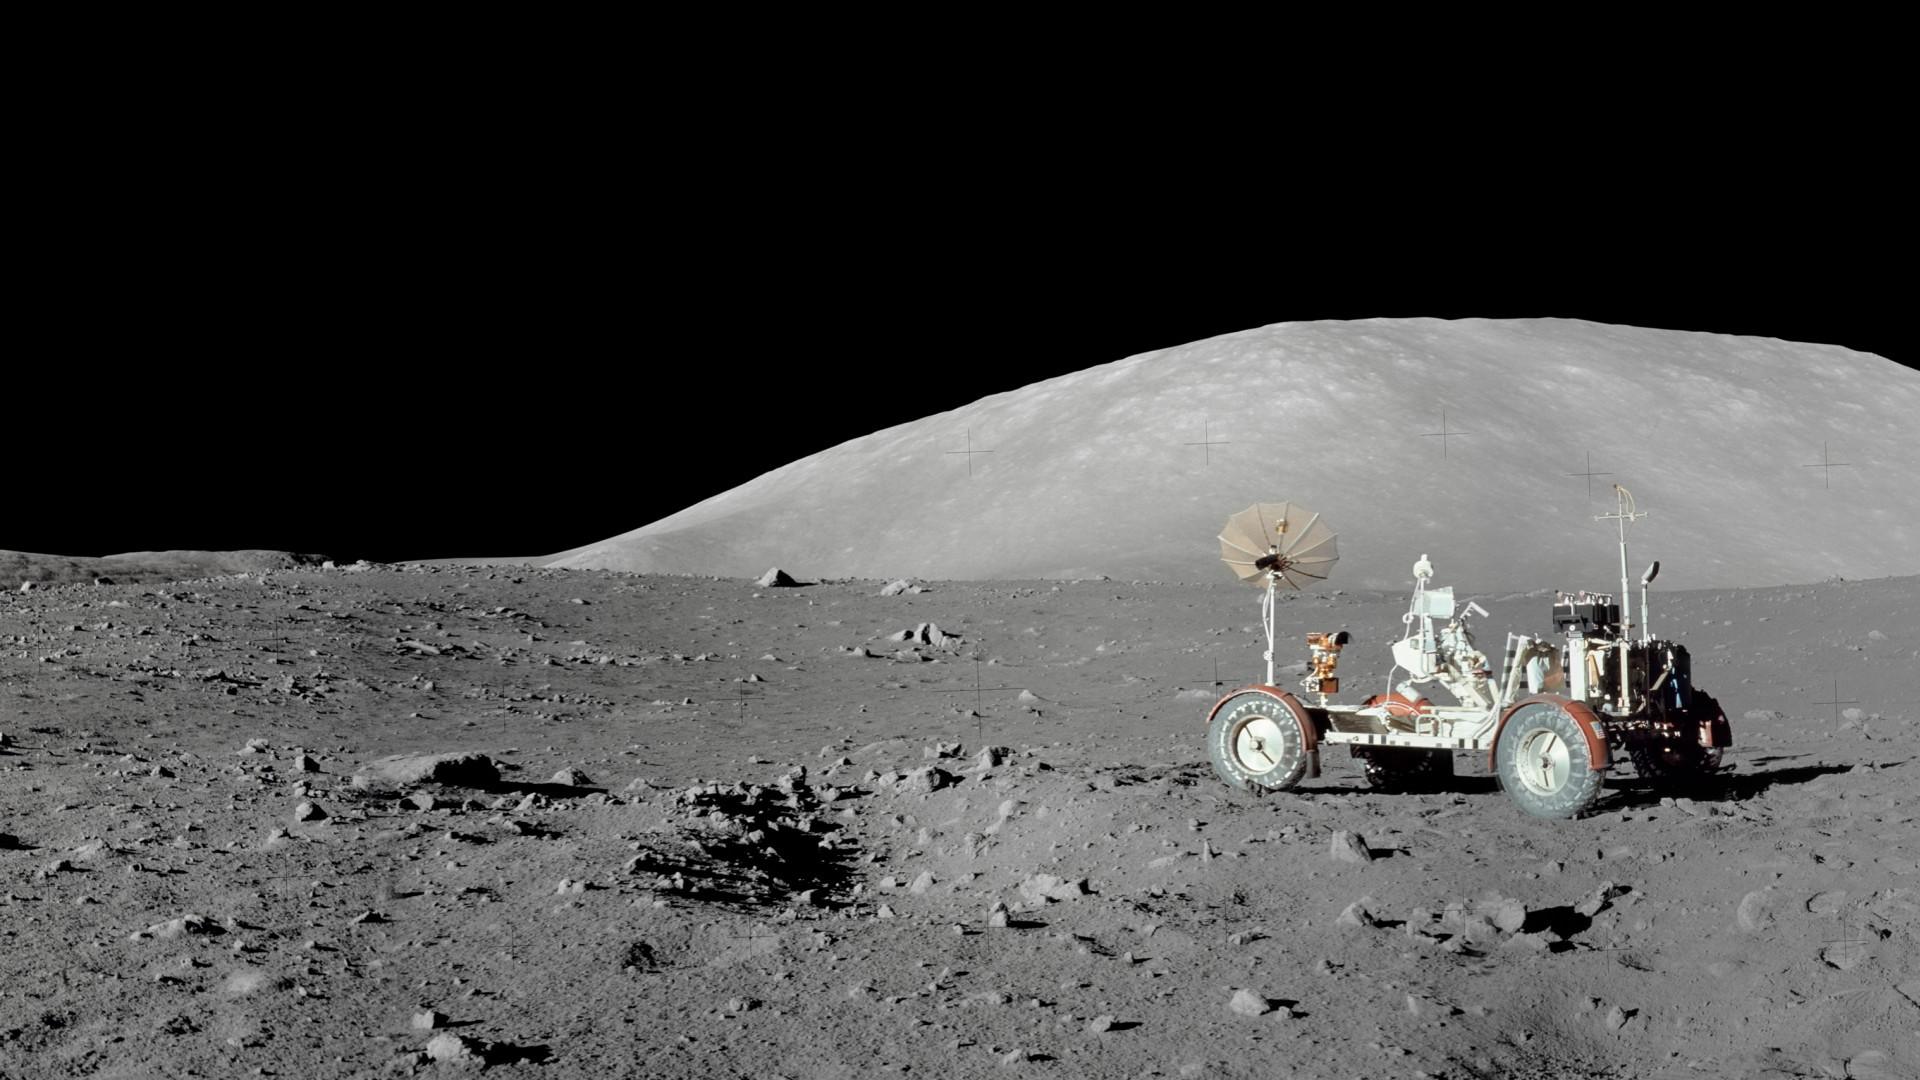 распространенному луноход на луне фотографии подумайте сами-даже если